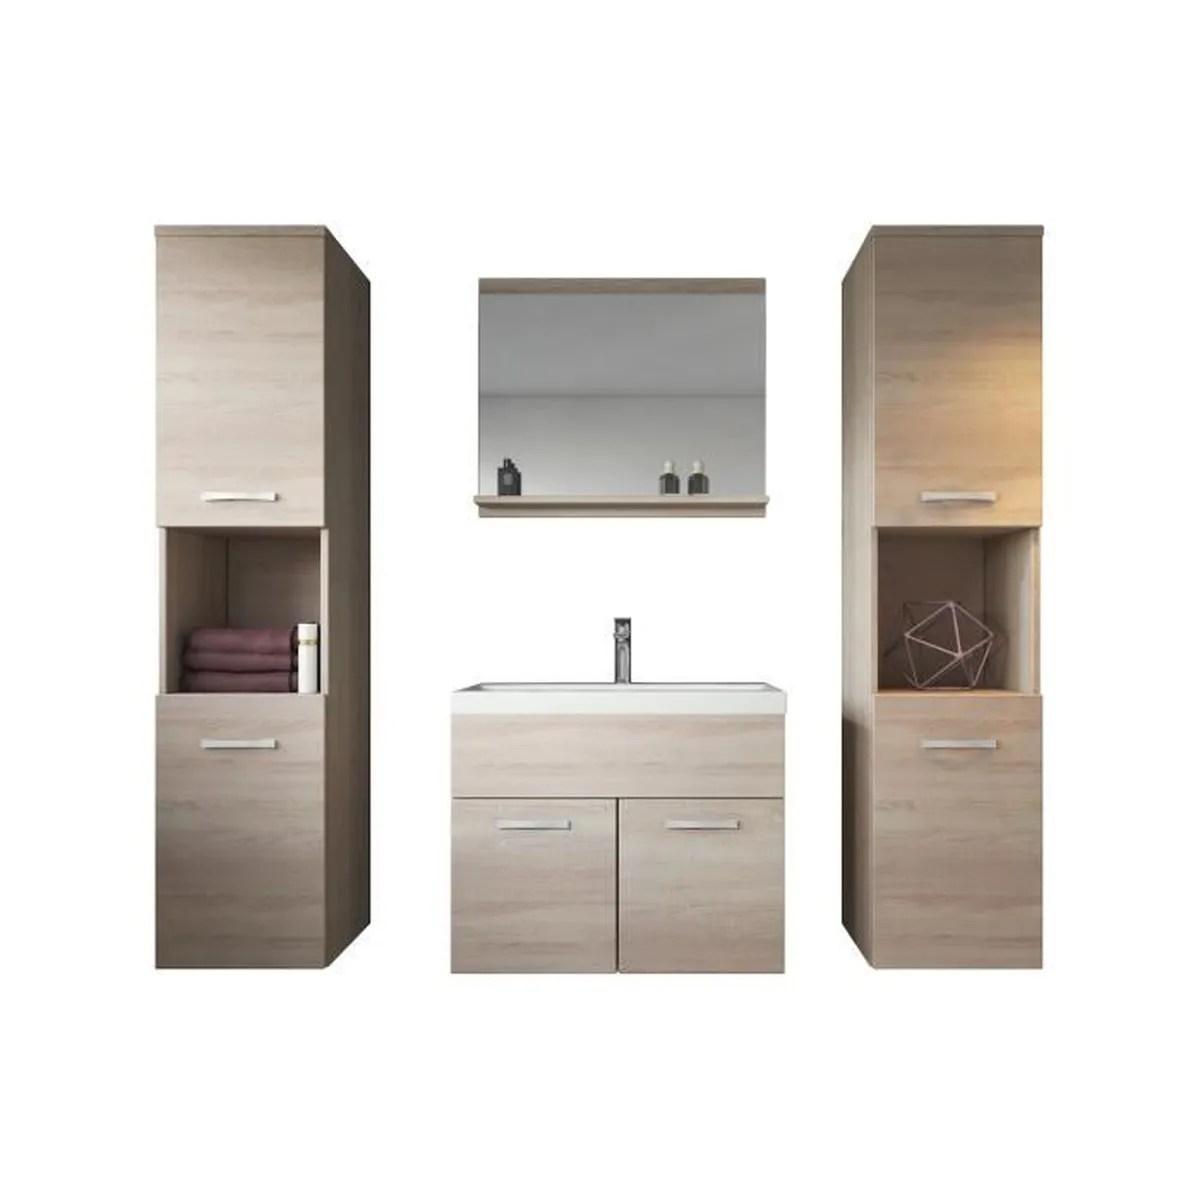 Meuble de salle de bain de Montral XL 60 cm bassin en